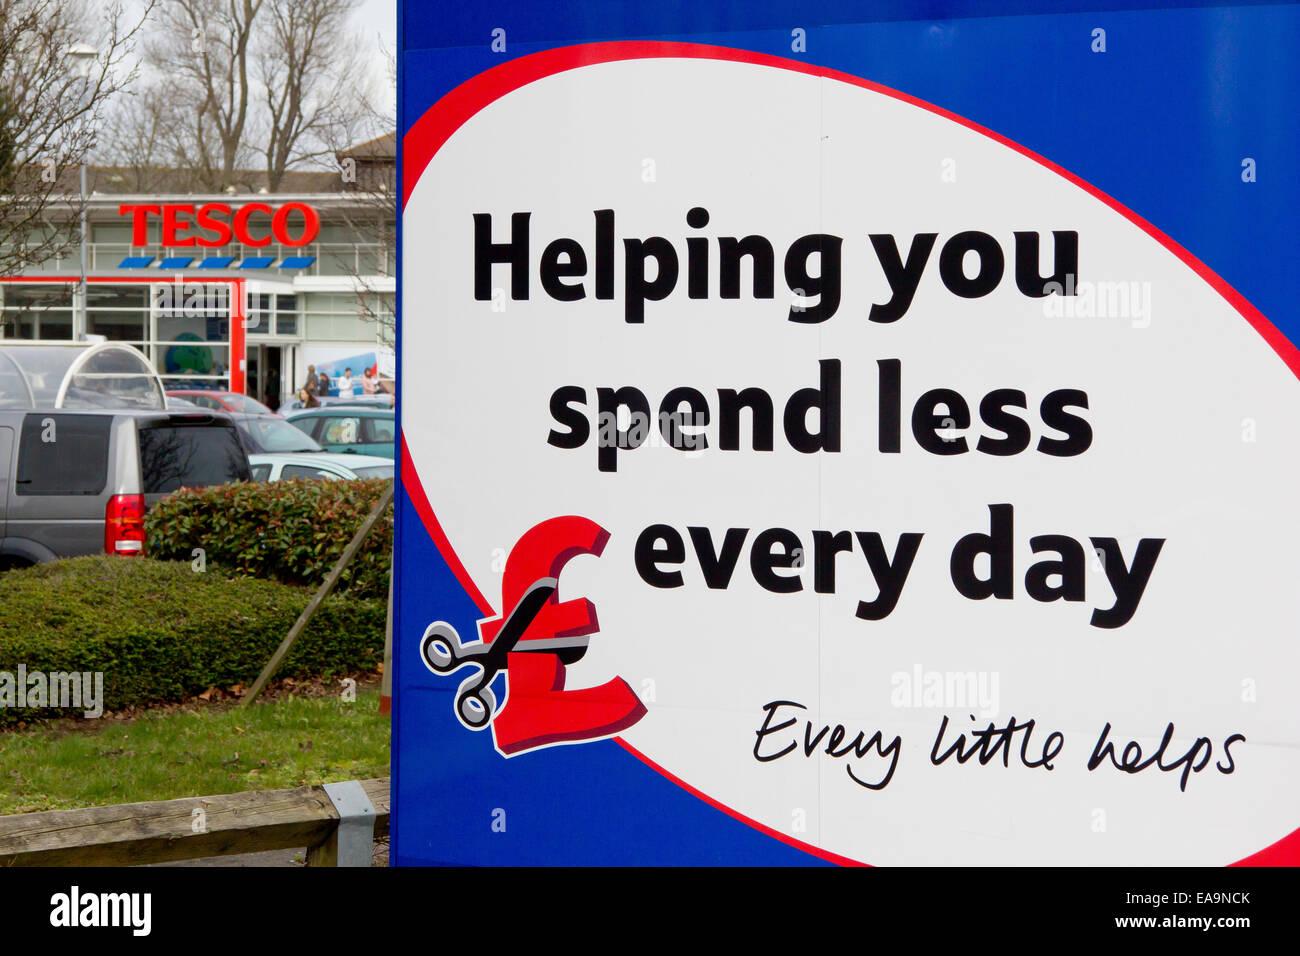 Tienda Tesco y slogan publicitario, ayudándole a gastar menos cada día, Taunton, Somerset. Tesco plc es Imagen De Stock